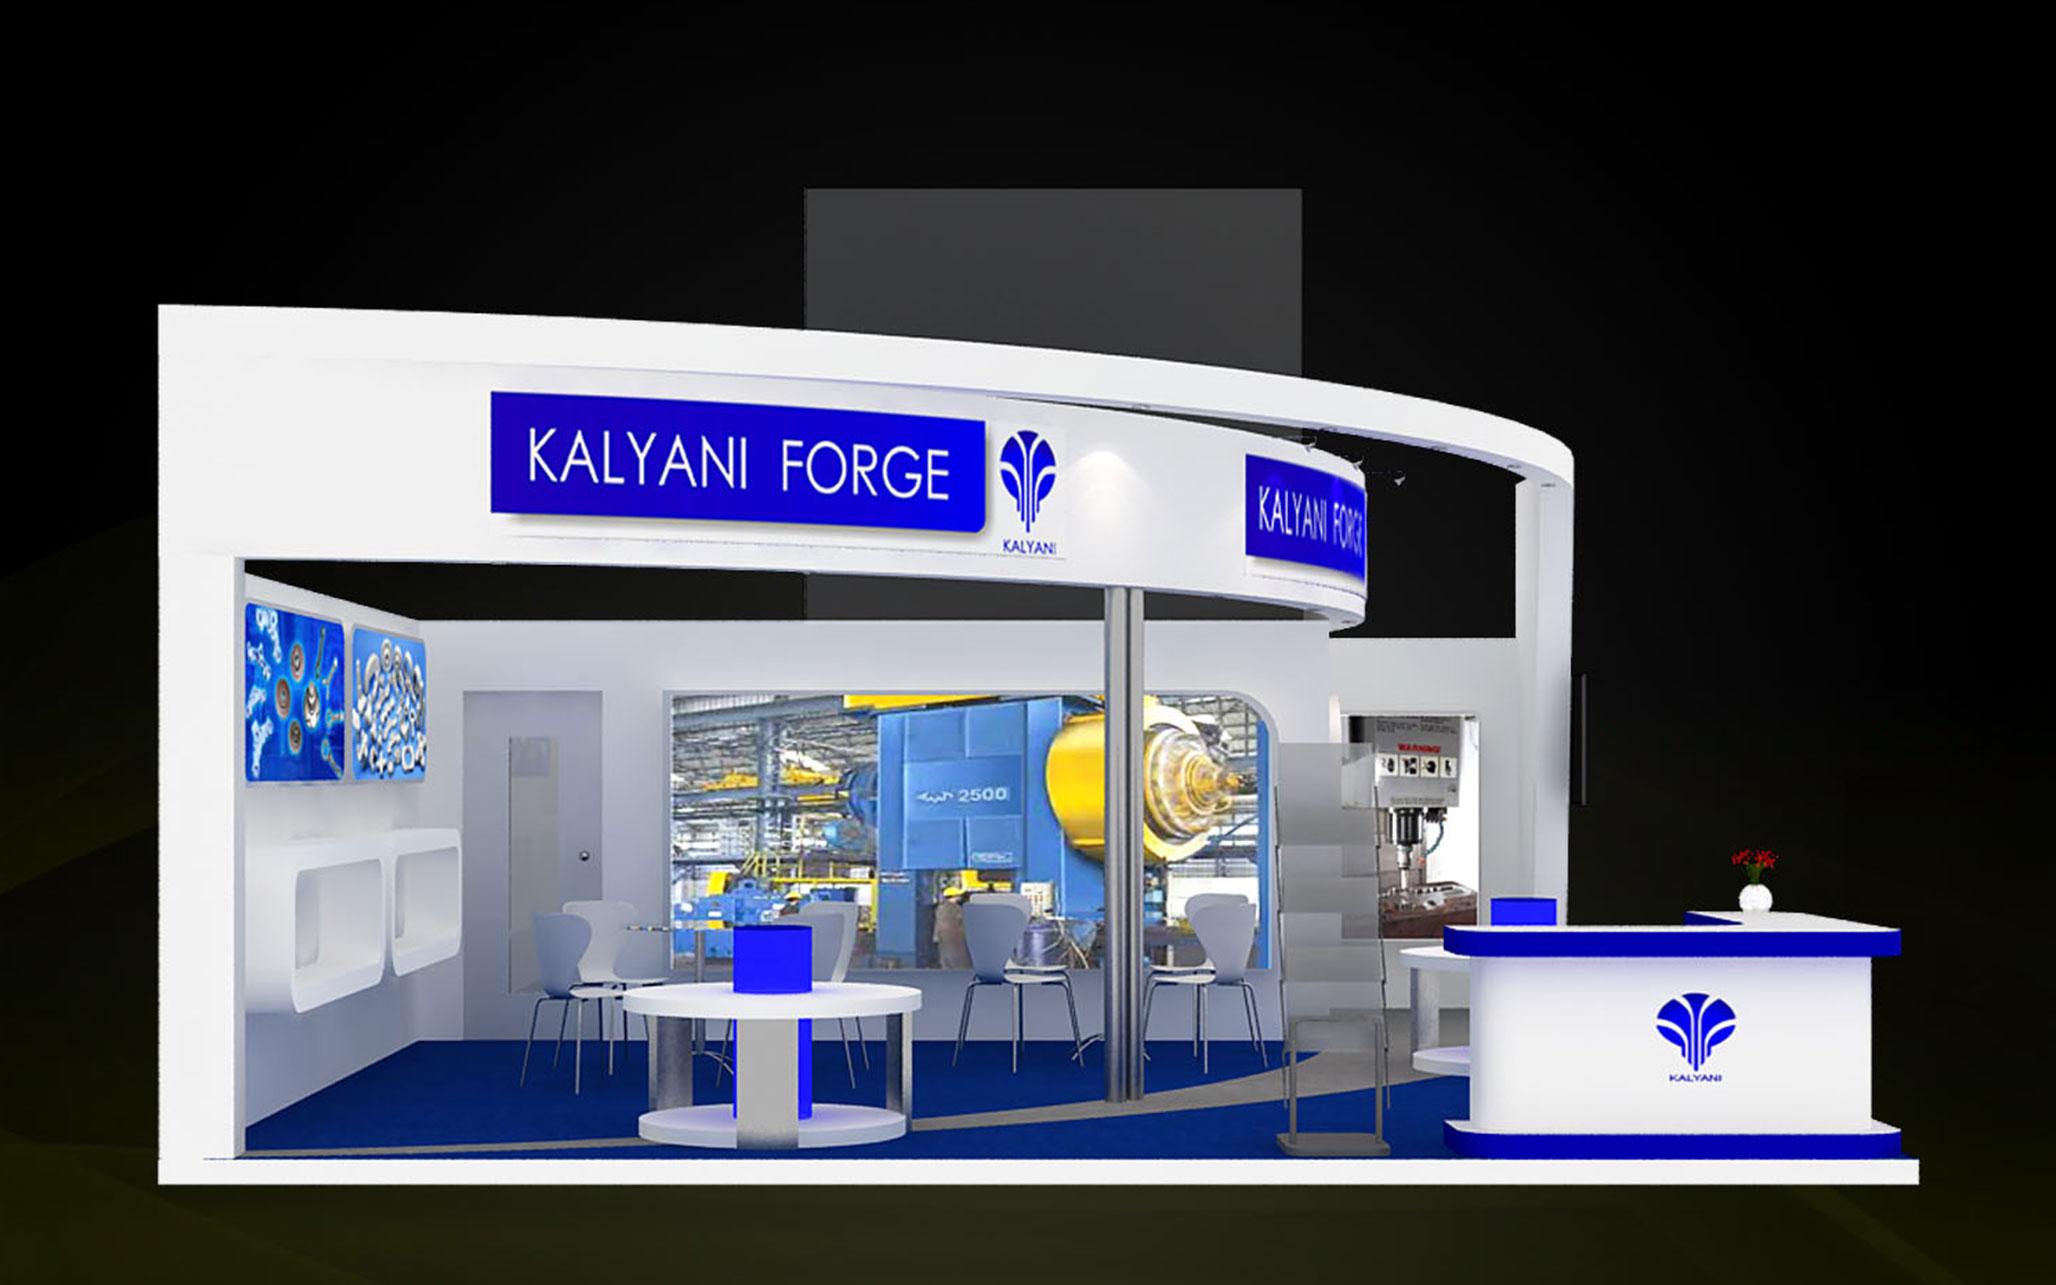 Kalyani Forge